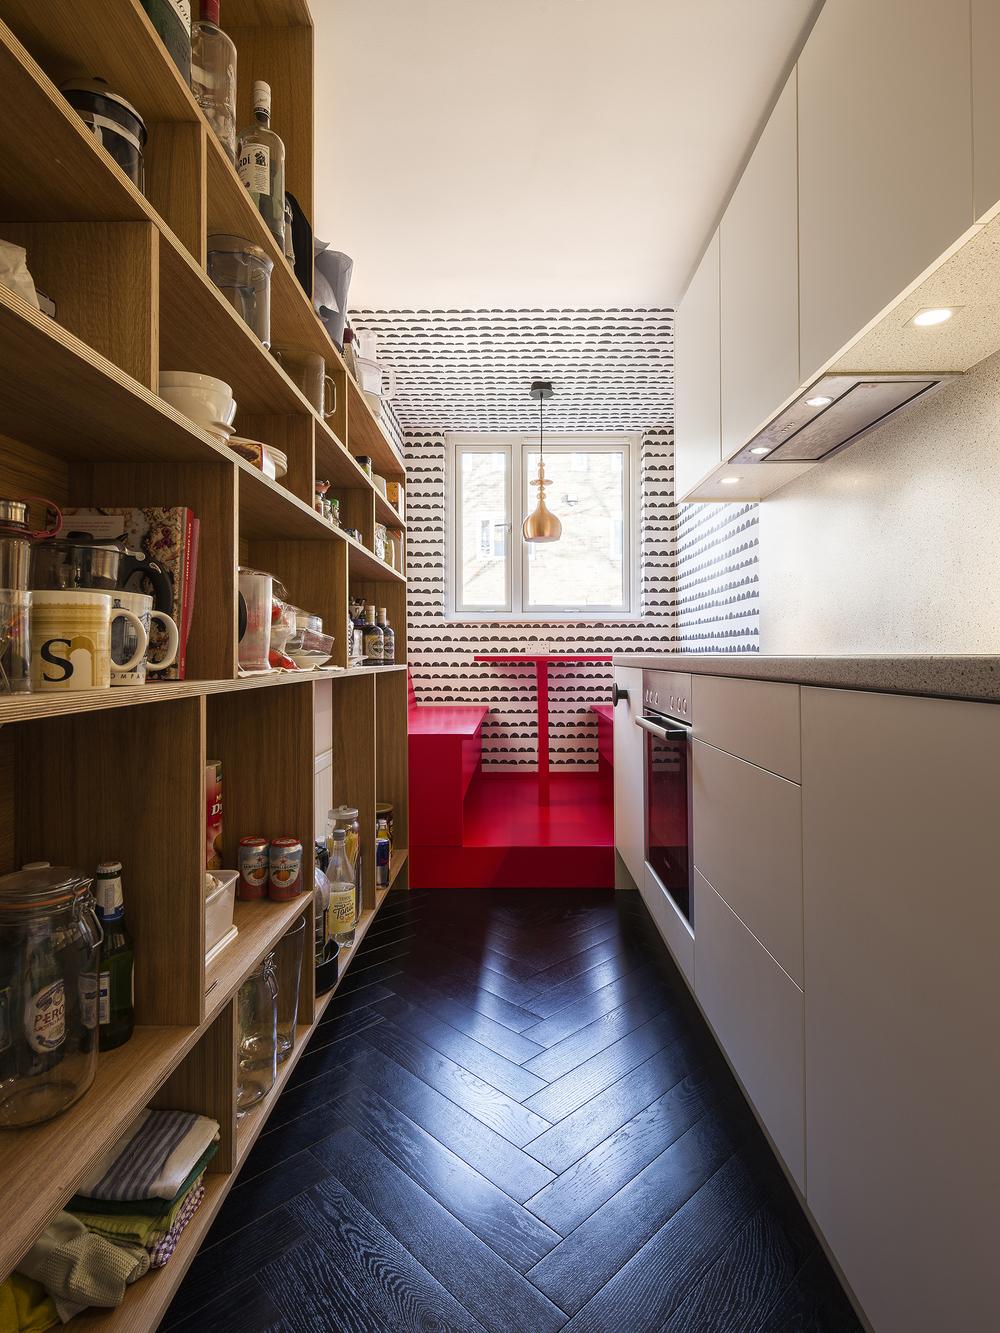 Apartment Filippo, London, kitchen, small architecture,interior design, Studio Alexander Fehre